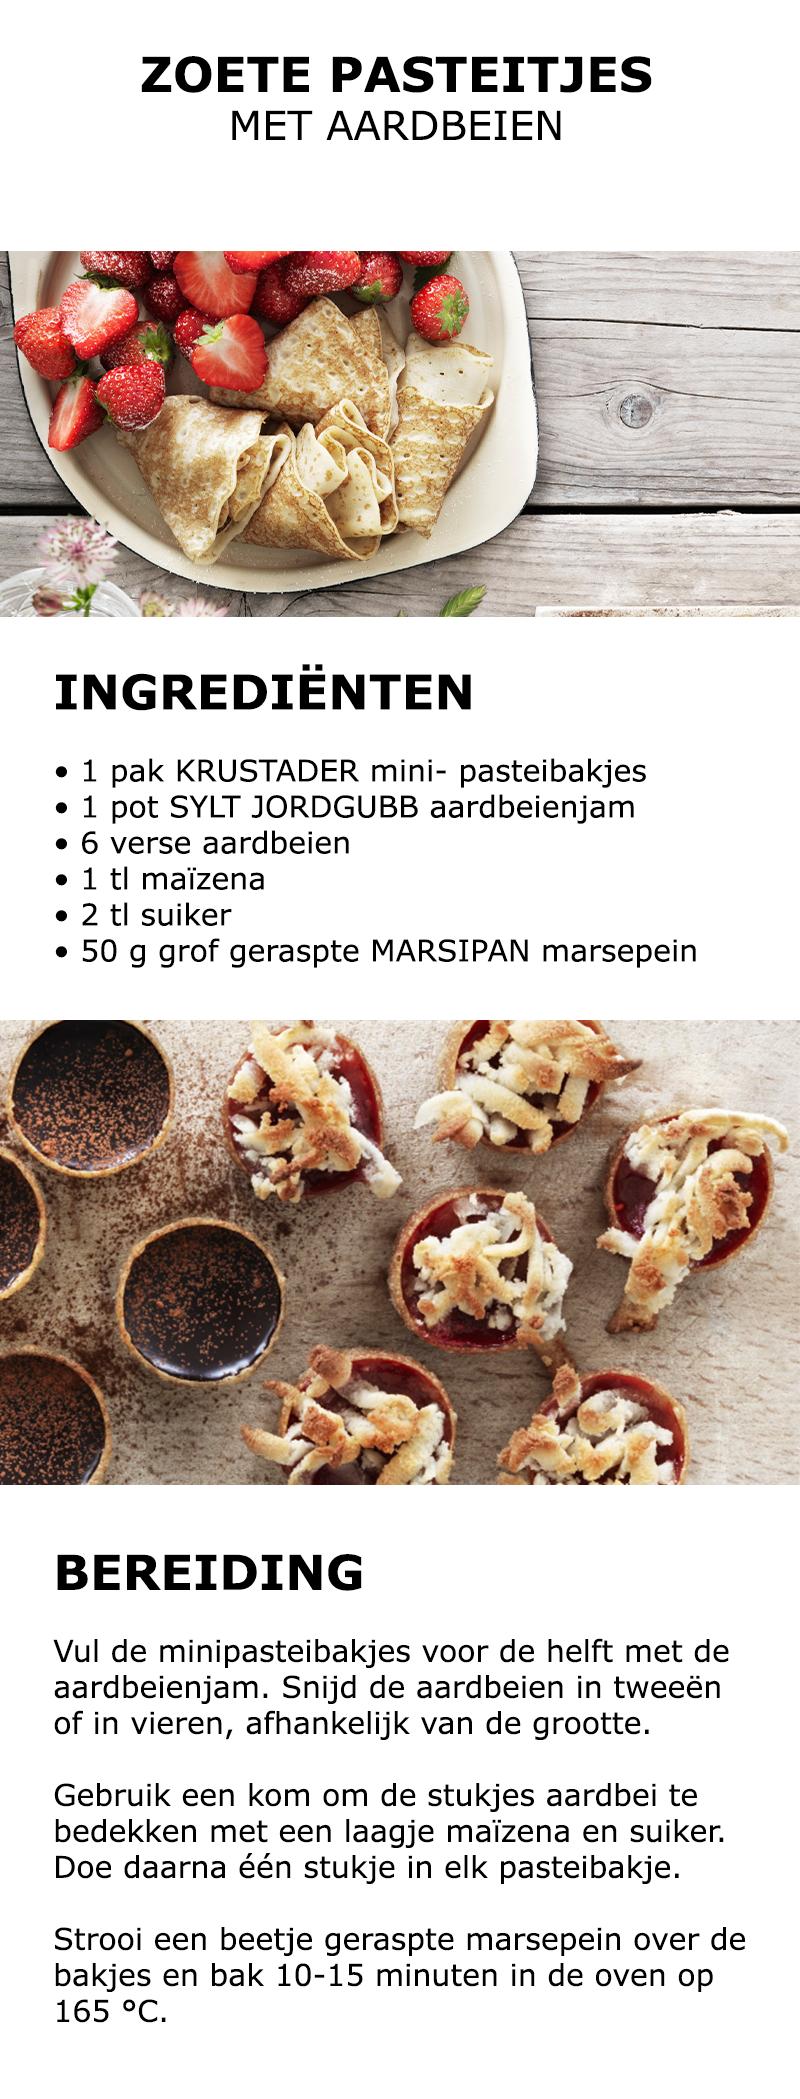 inspiratie voor midsommar zoete pasteitjes met aardbeien